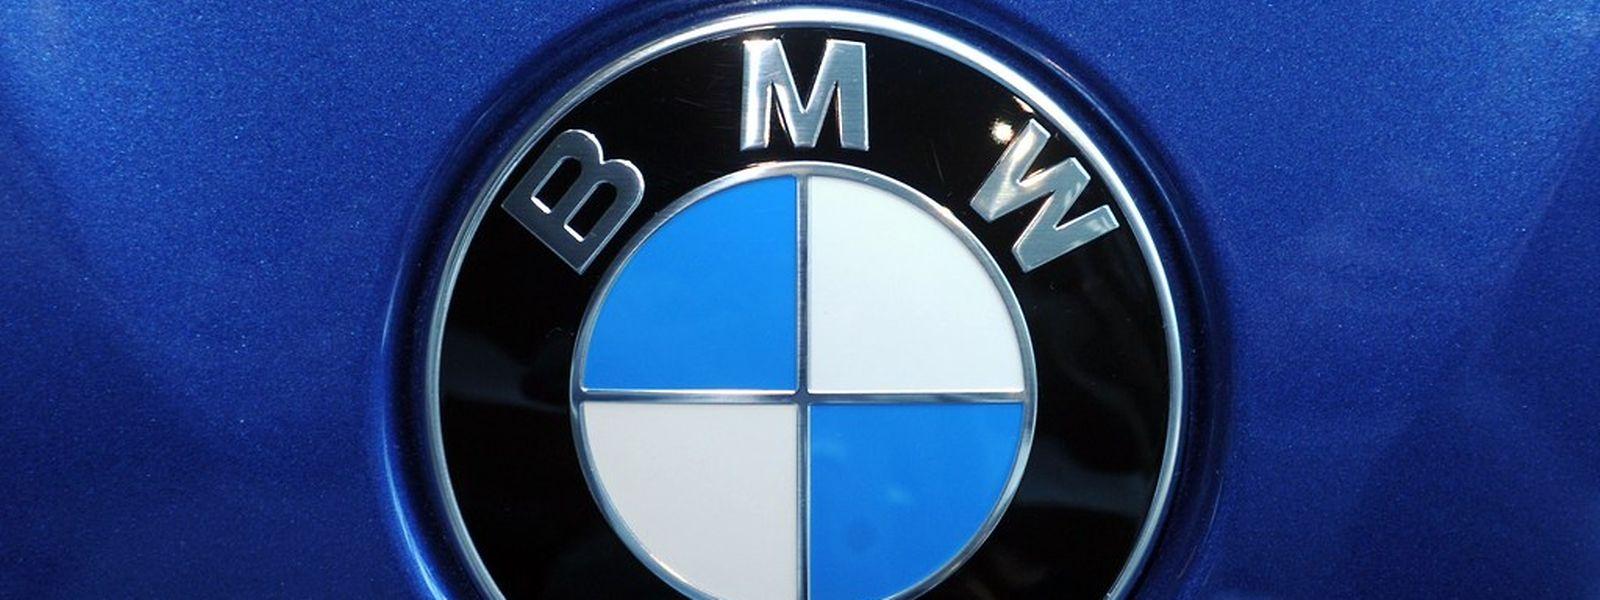 2000 BMW-Besitzer müssen demnächst die Werkstätten anfahren.